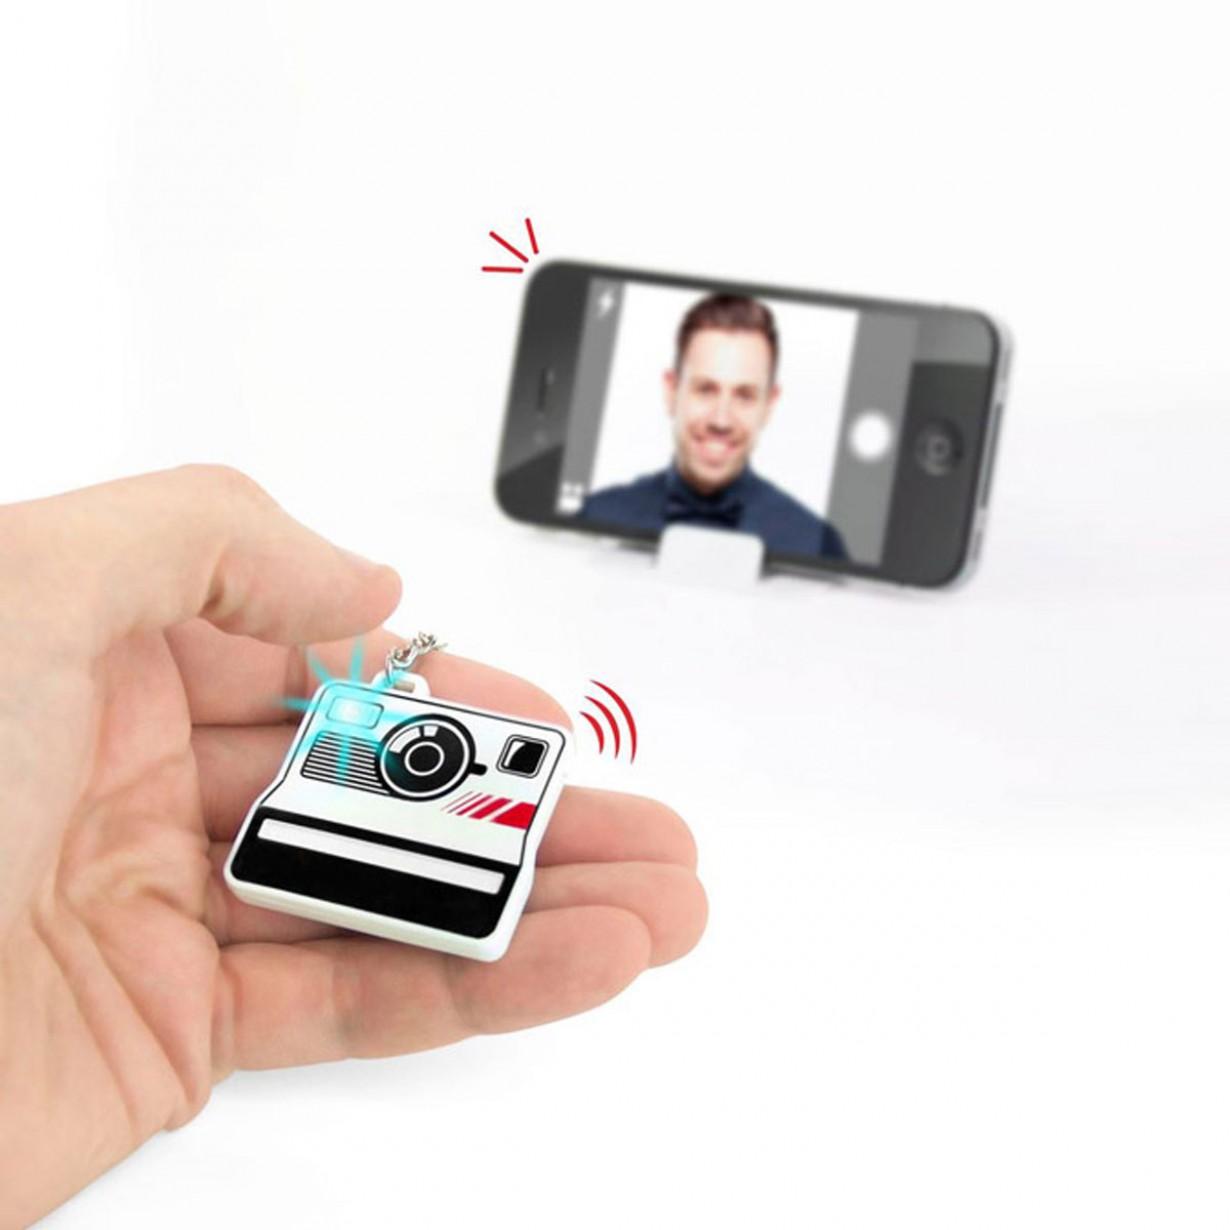 telecomando-bluetooth-per-selfie-selfieme-2e7